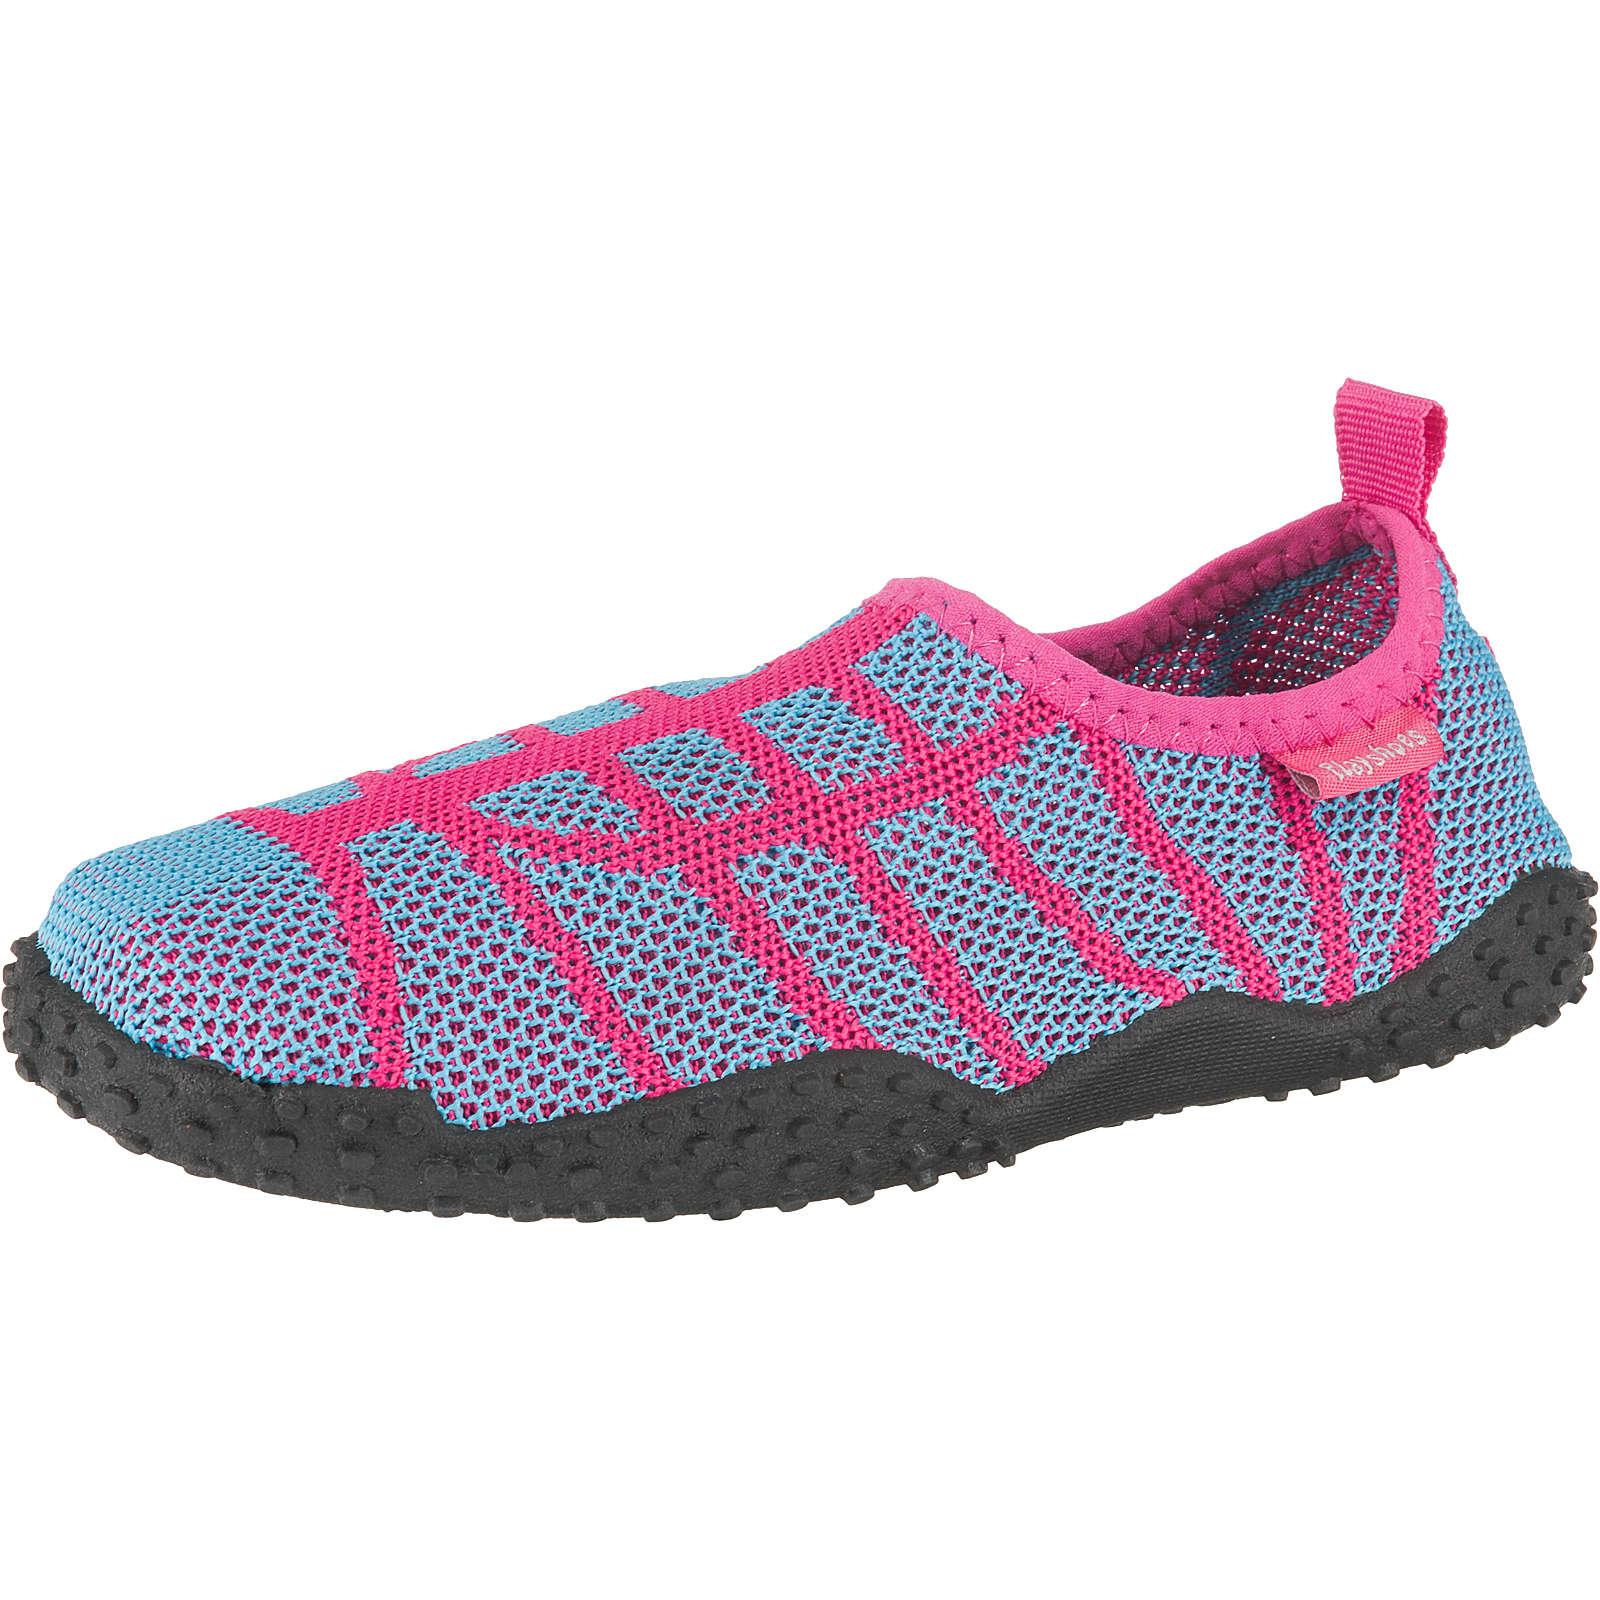 Playshoes Strick Badeschuh für Mädchen pink Mädchen Gr. 18/19